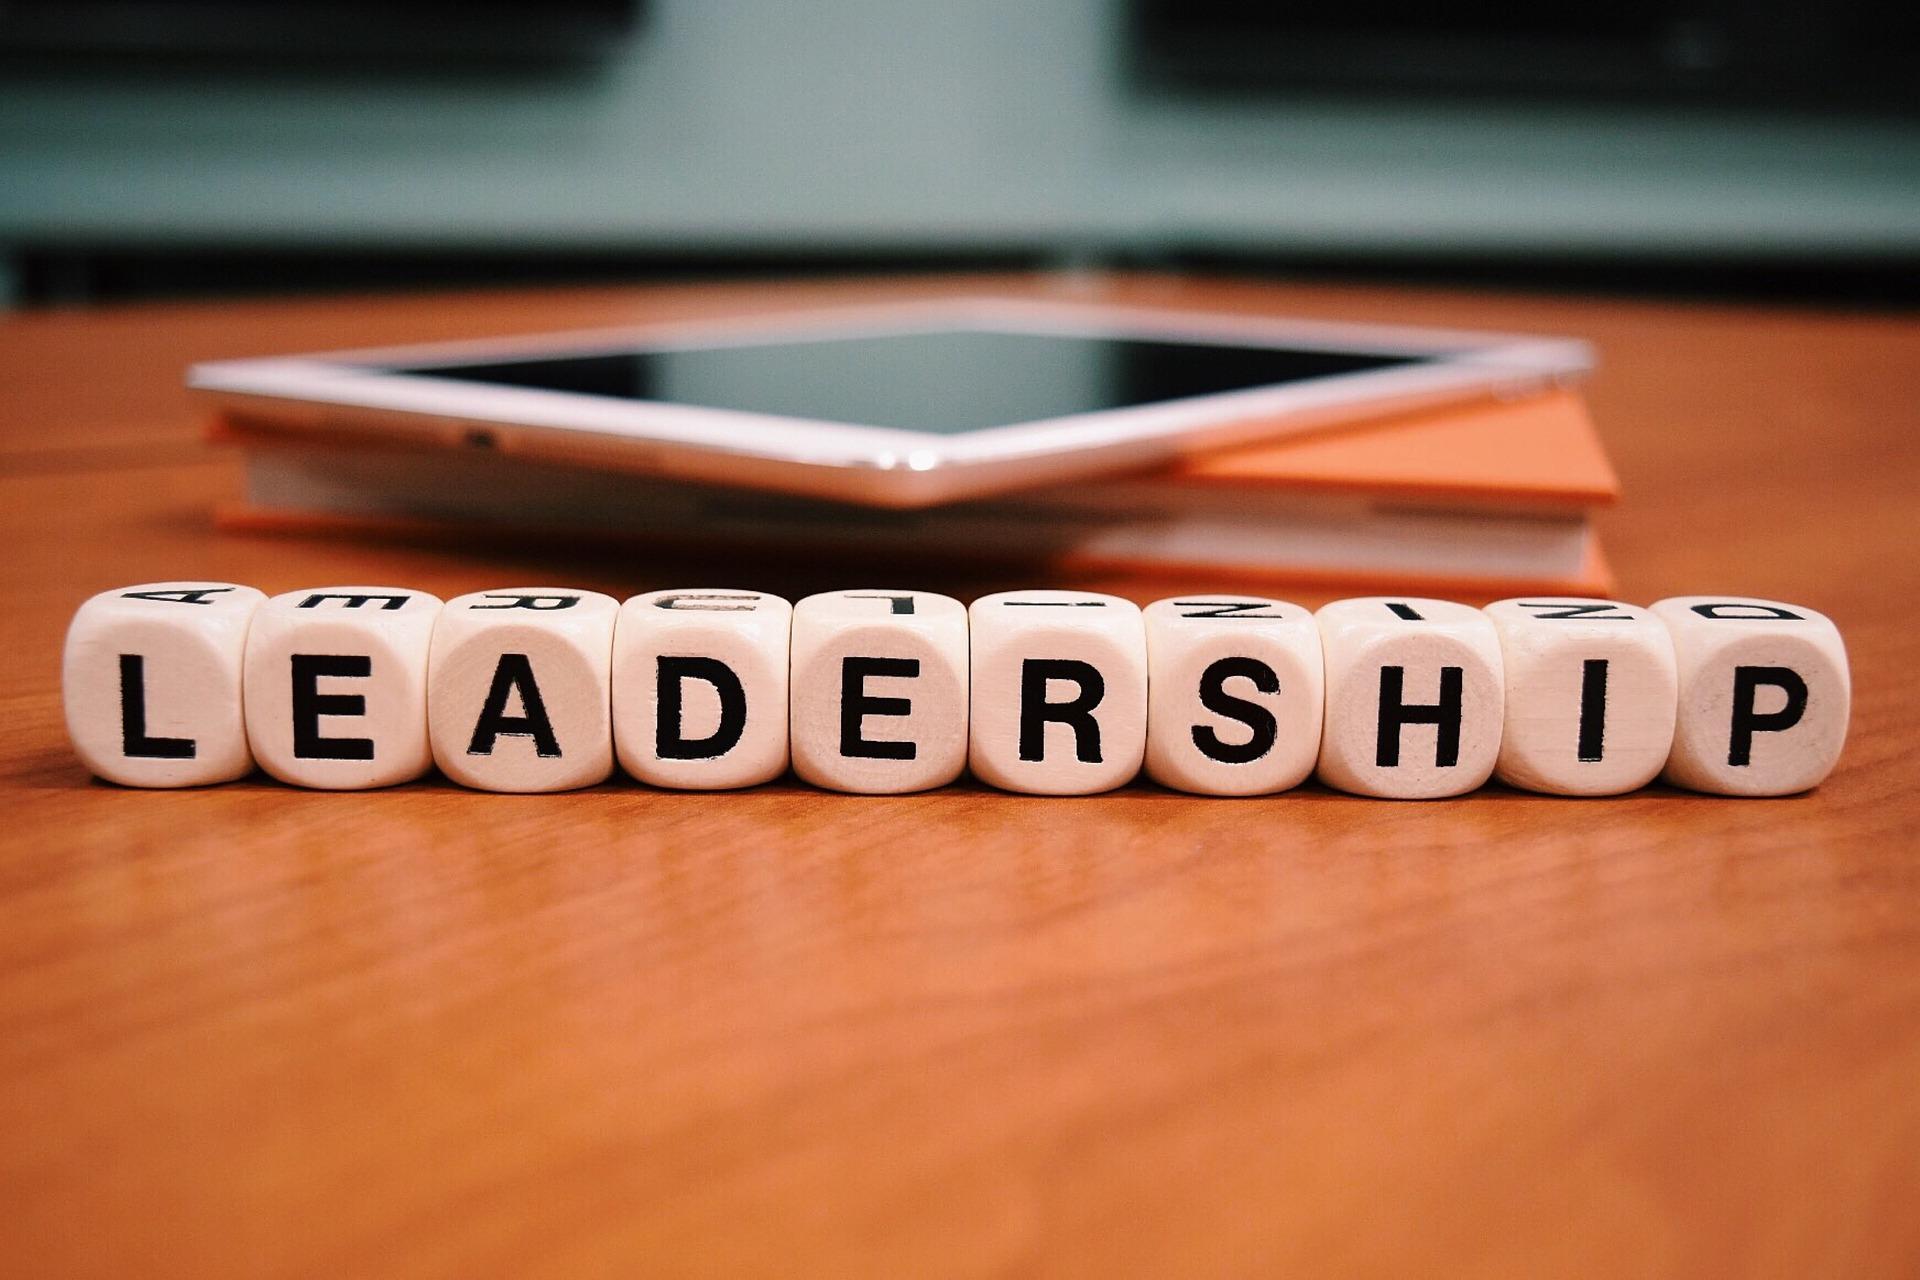 leadership-1959544_1920.jpg